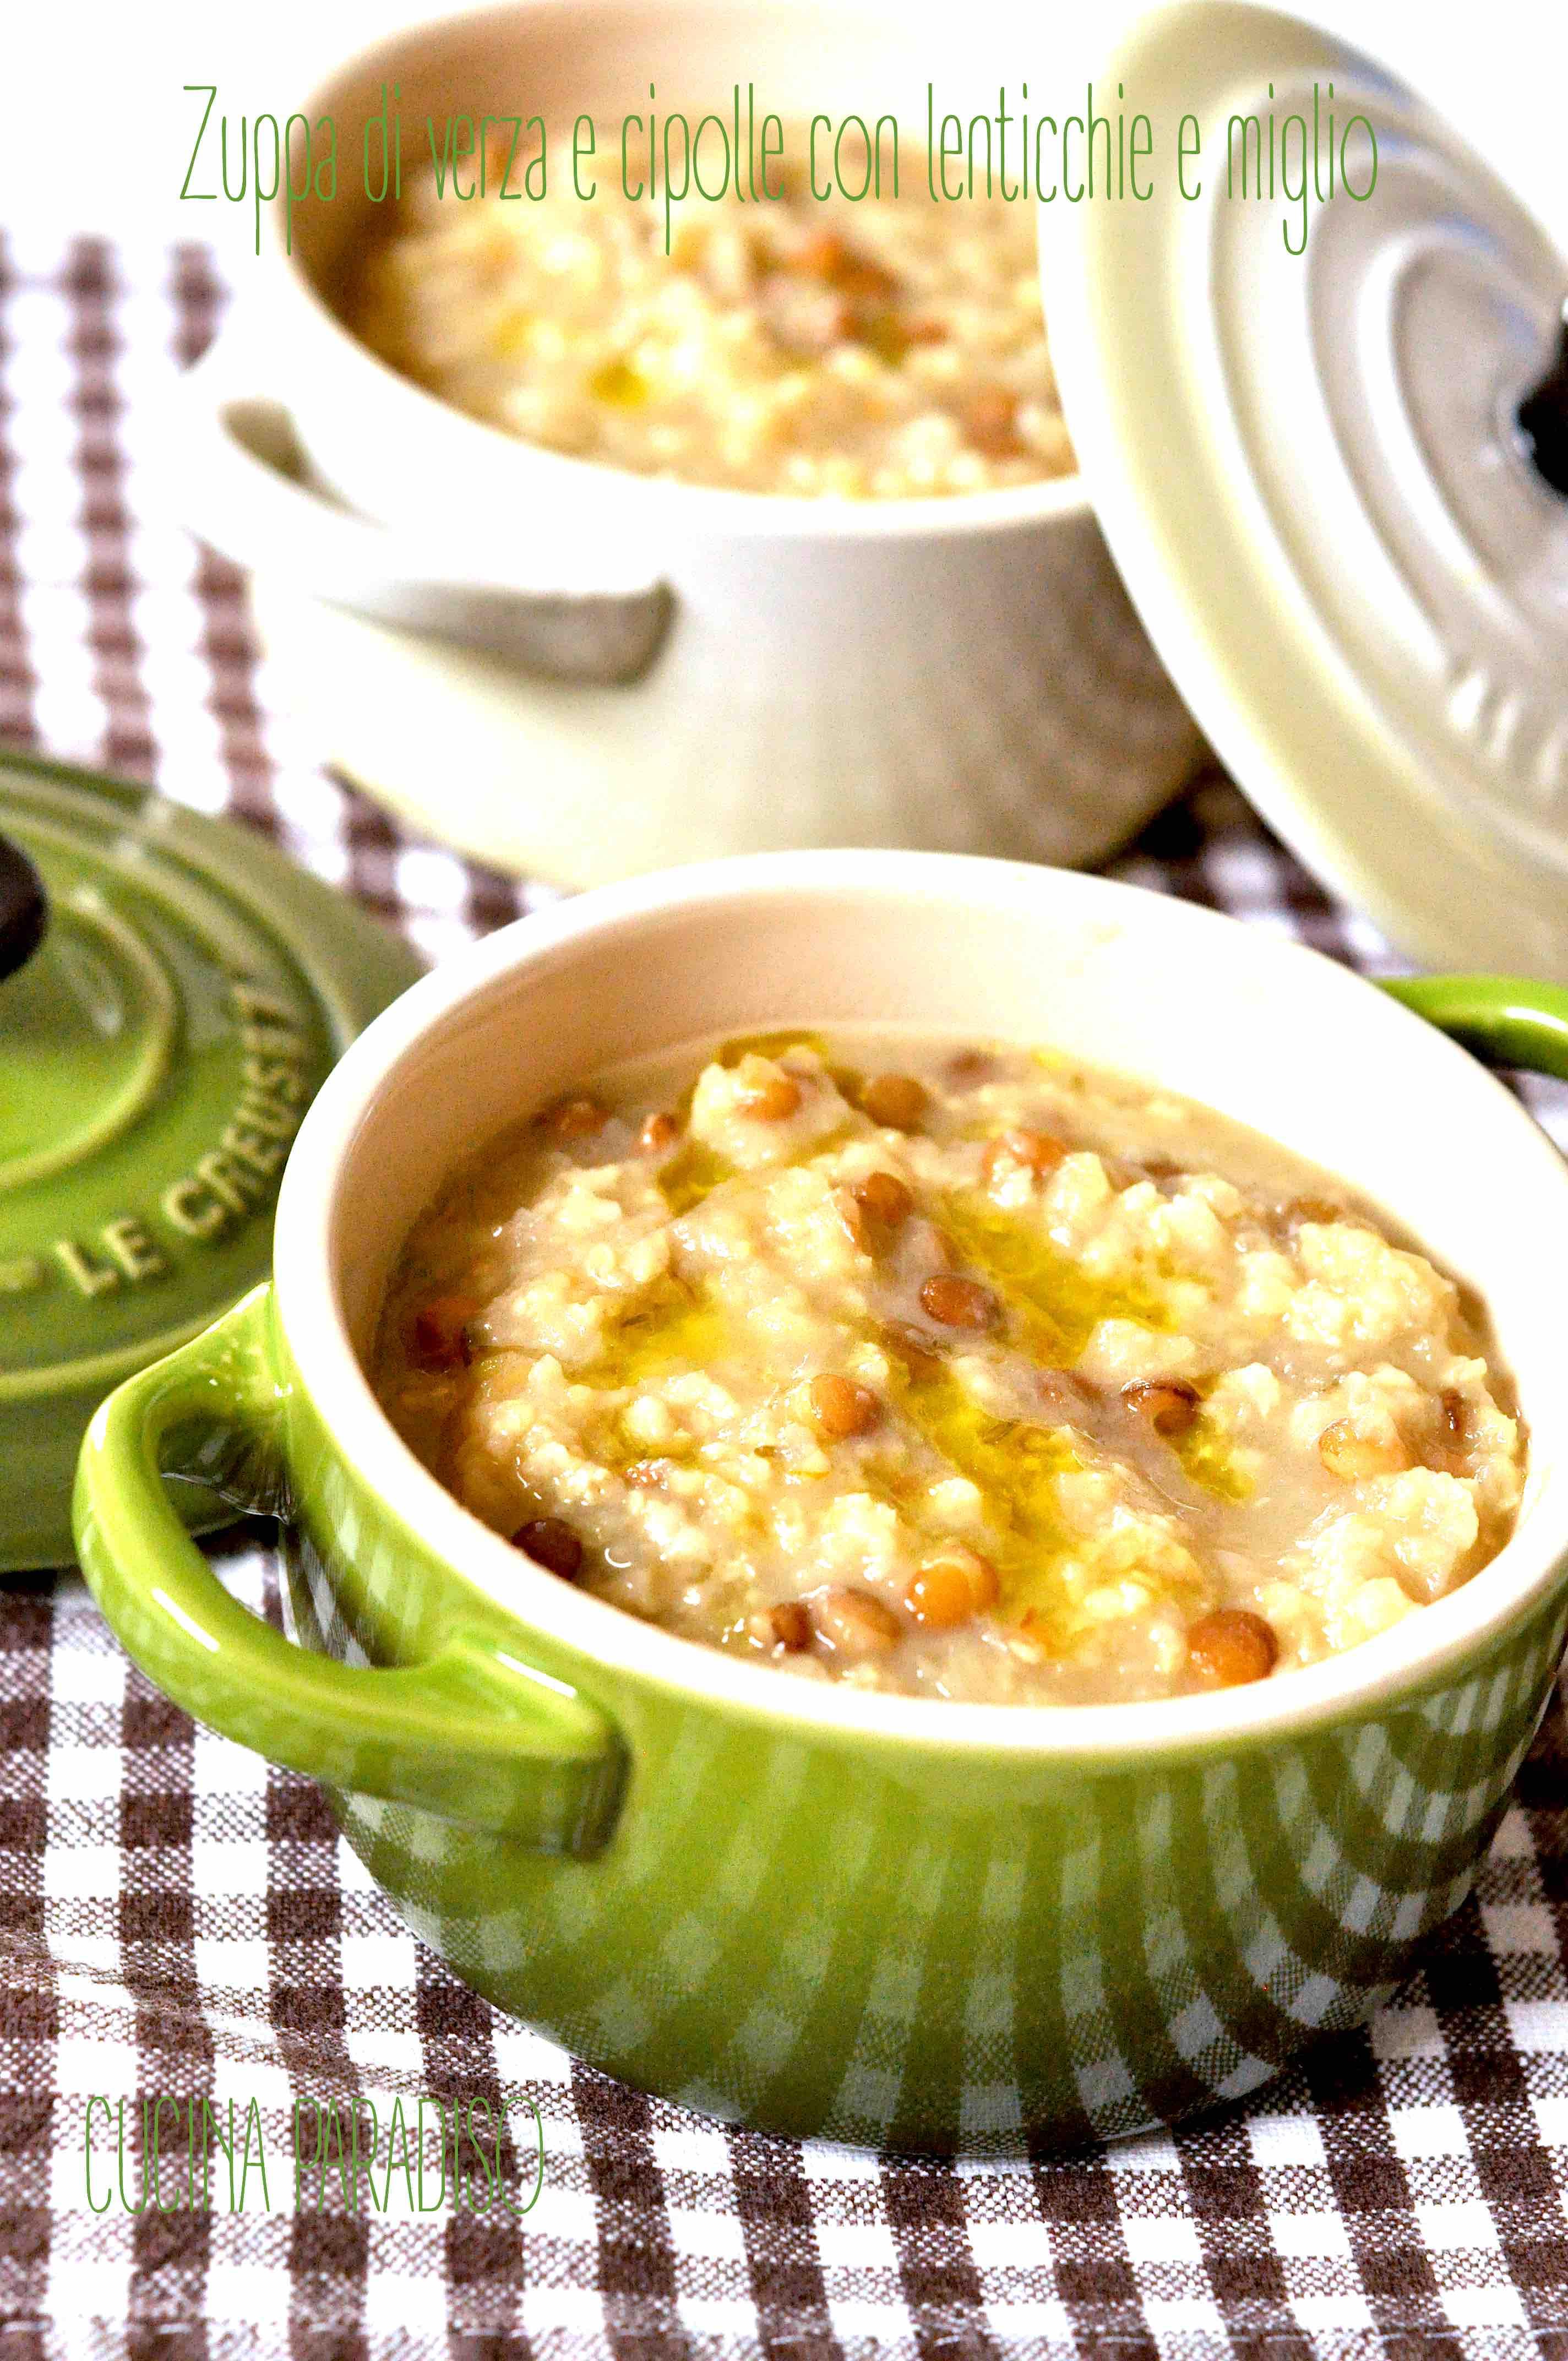 Zuppa di verza e cipolle con lenticchie e miglio2